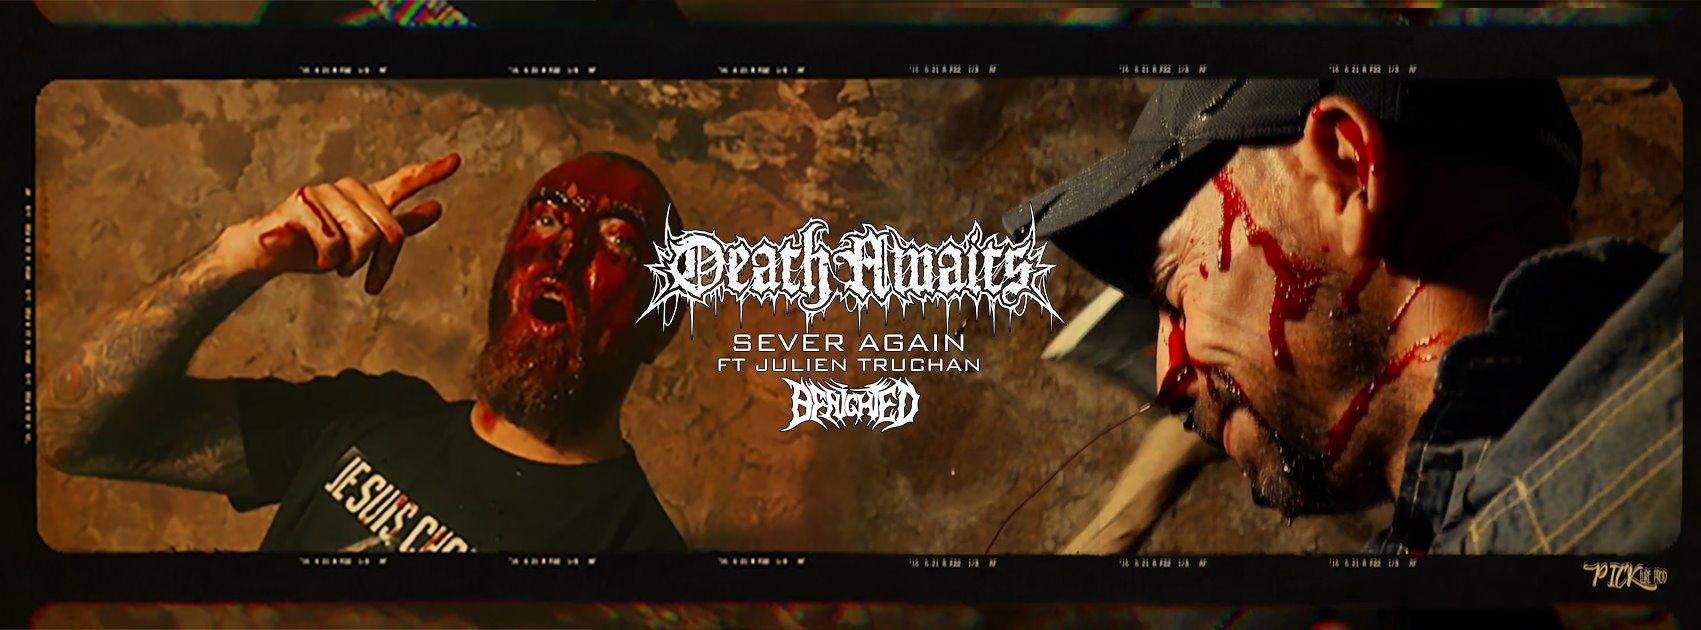 DEATHAWAITS propose un nouveau clip : Sever Again (ft. Julien Truchan Of BENIGHTED) Death/Thrash/Core LYON 24366110